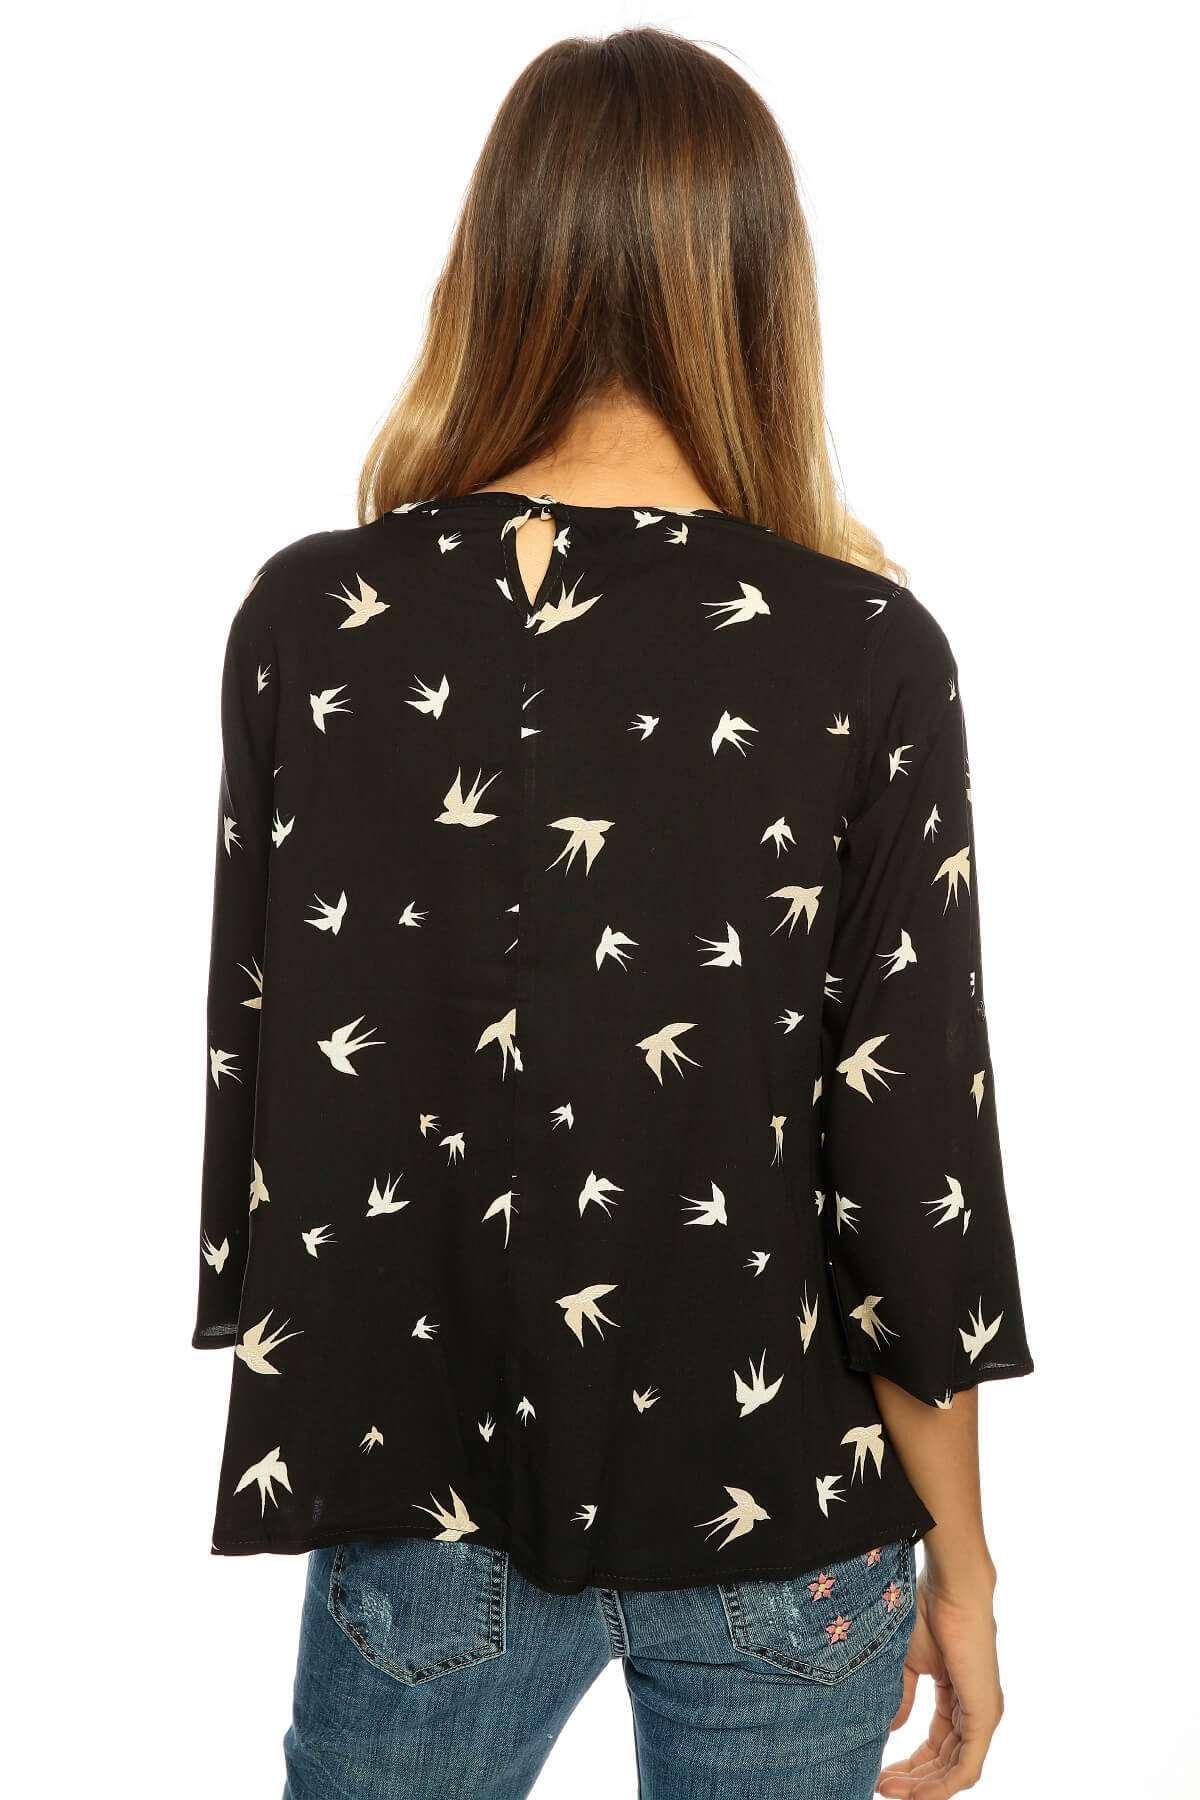 Önü Kısa Kuş Desenli Ges Kol Bluz Siyah